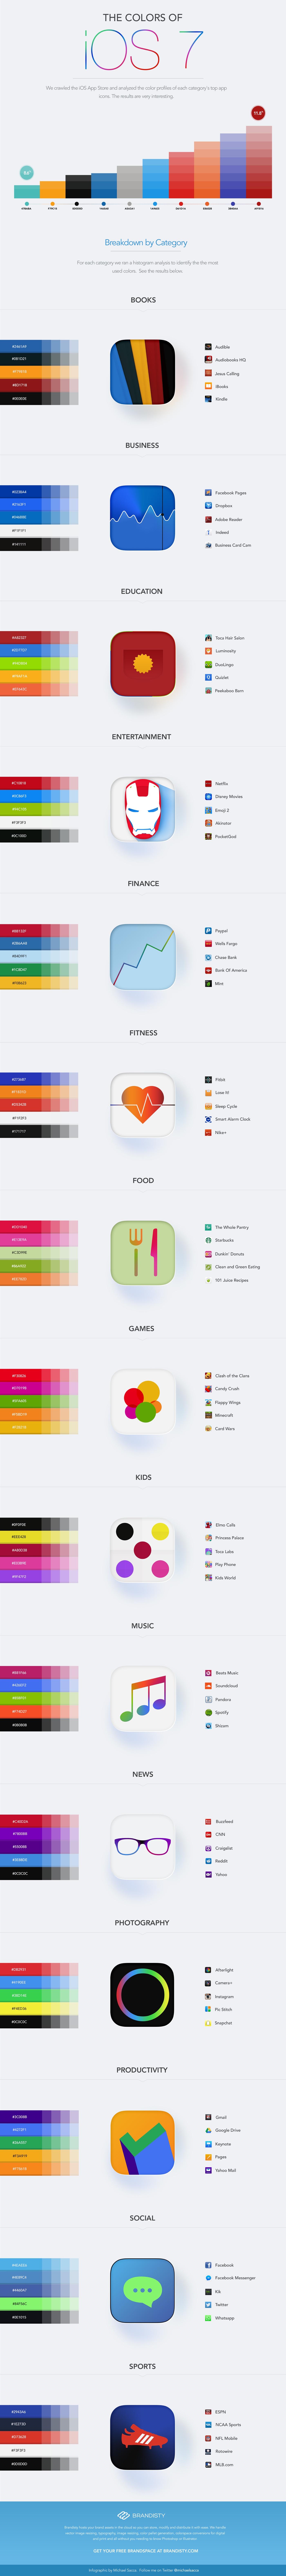 Infográfico - Cores da App Store